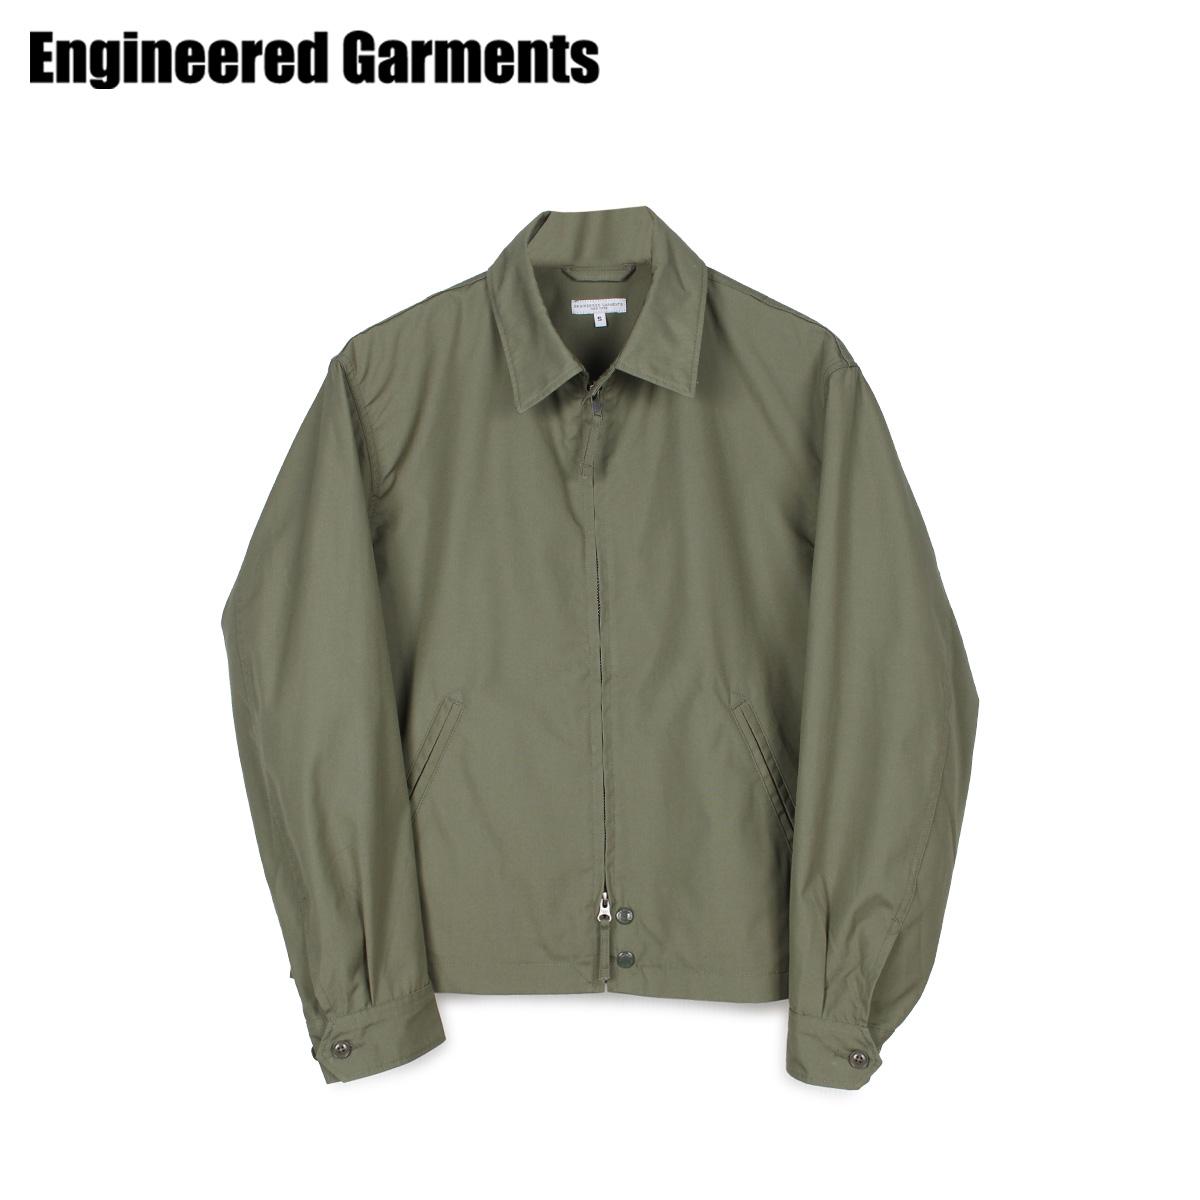 ENGINEERED GARMENTS エンジニアドガーメンツ ジャケット メンズ CLAIGTON JACKET オリーブ 20S1D026